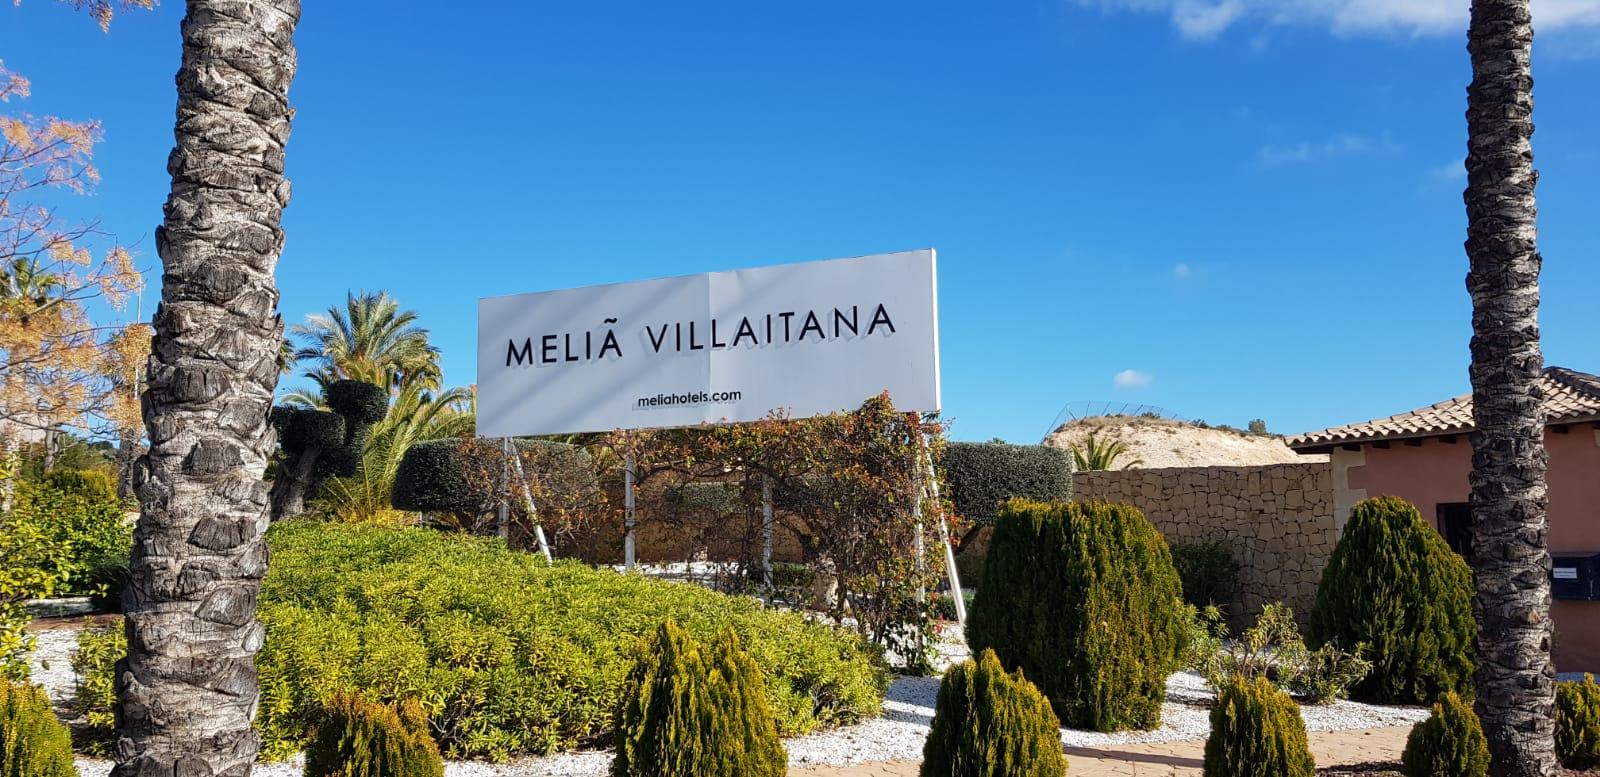 Restauración del mobiliario del Hotel Meliá Villaitana de Benidorm